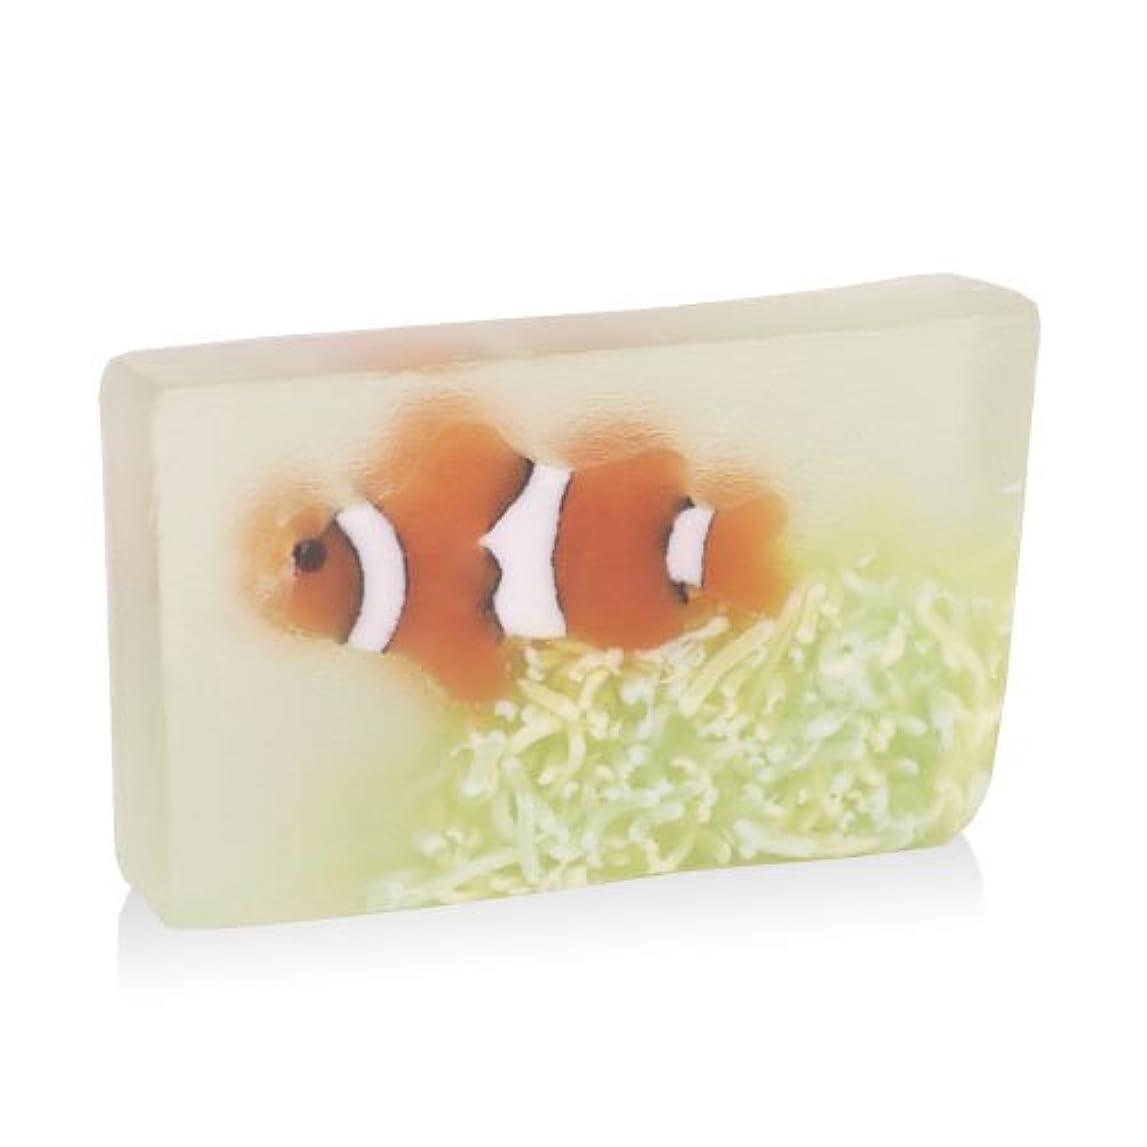 バーベキュー著者キープライモールエレメンツ アロマティック ソープ クラウンフィッシュ 180g 植物性 ナチュラル 石鹸 無添加